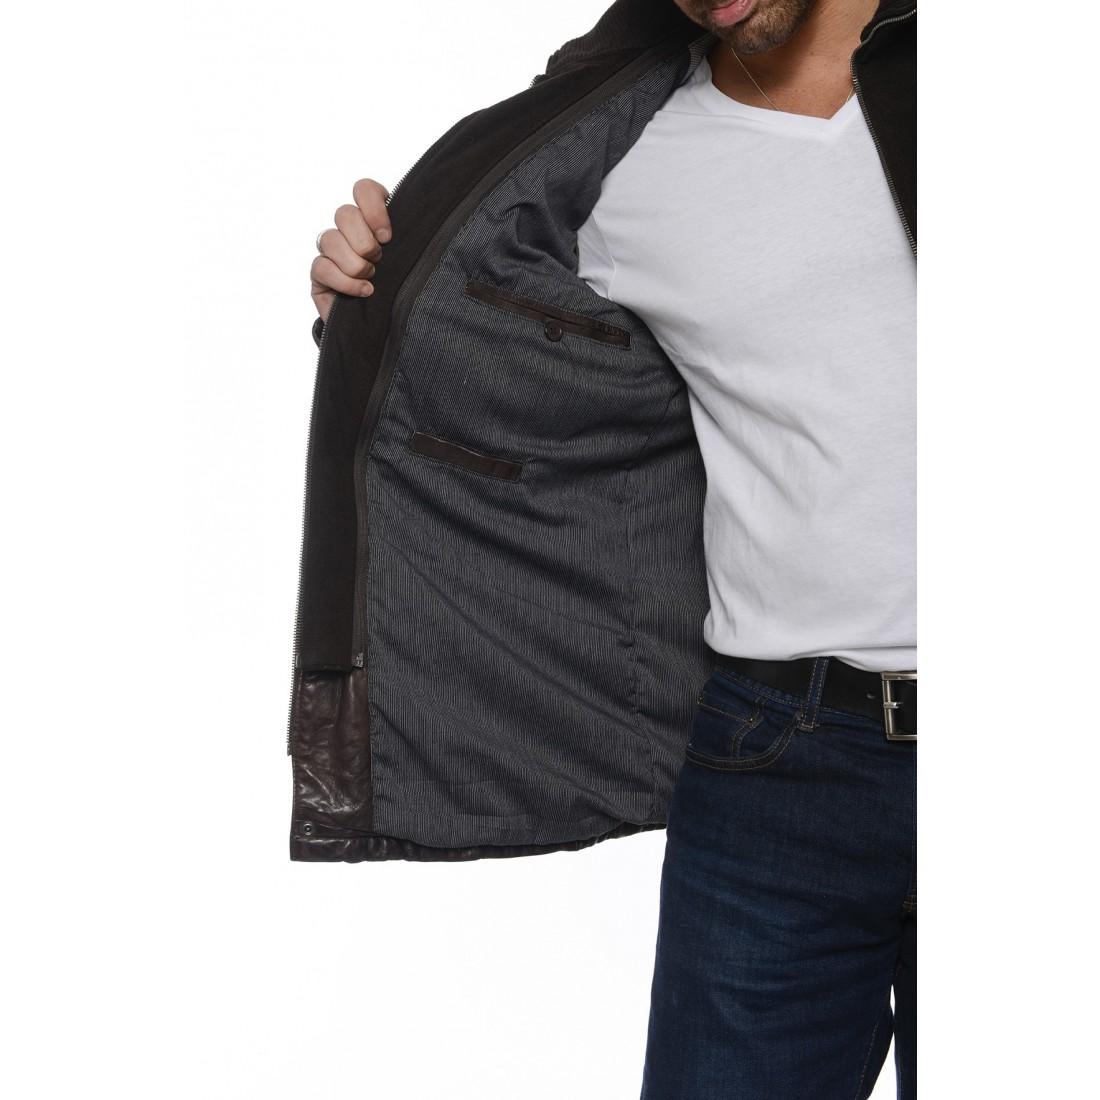 veste cuir daytona clinton marron pour homme. Black Bedroom Furniture Sets. Home Design Ideas